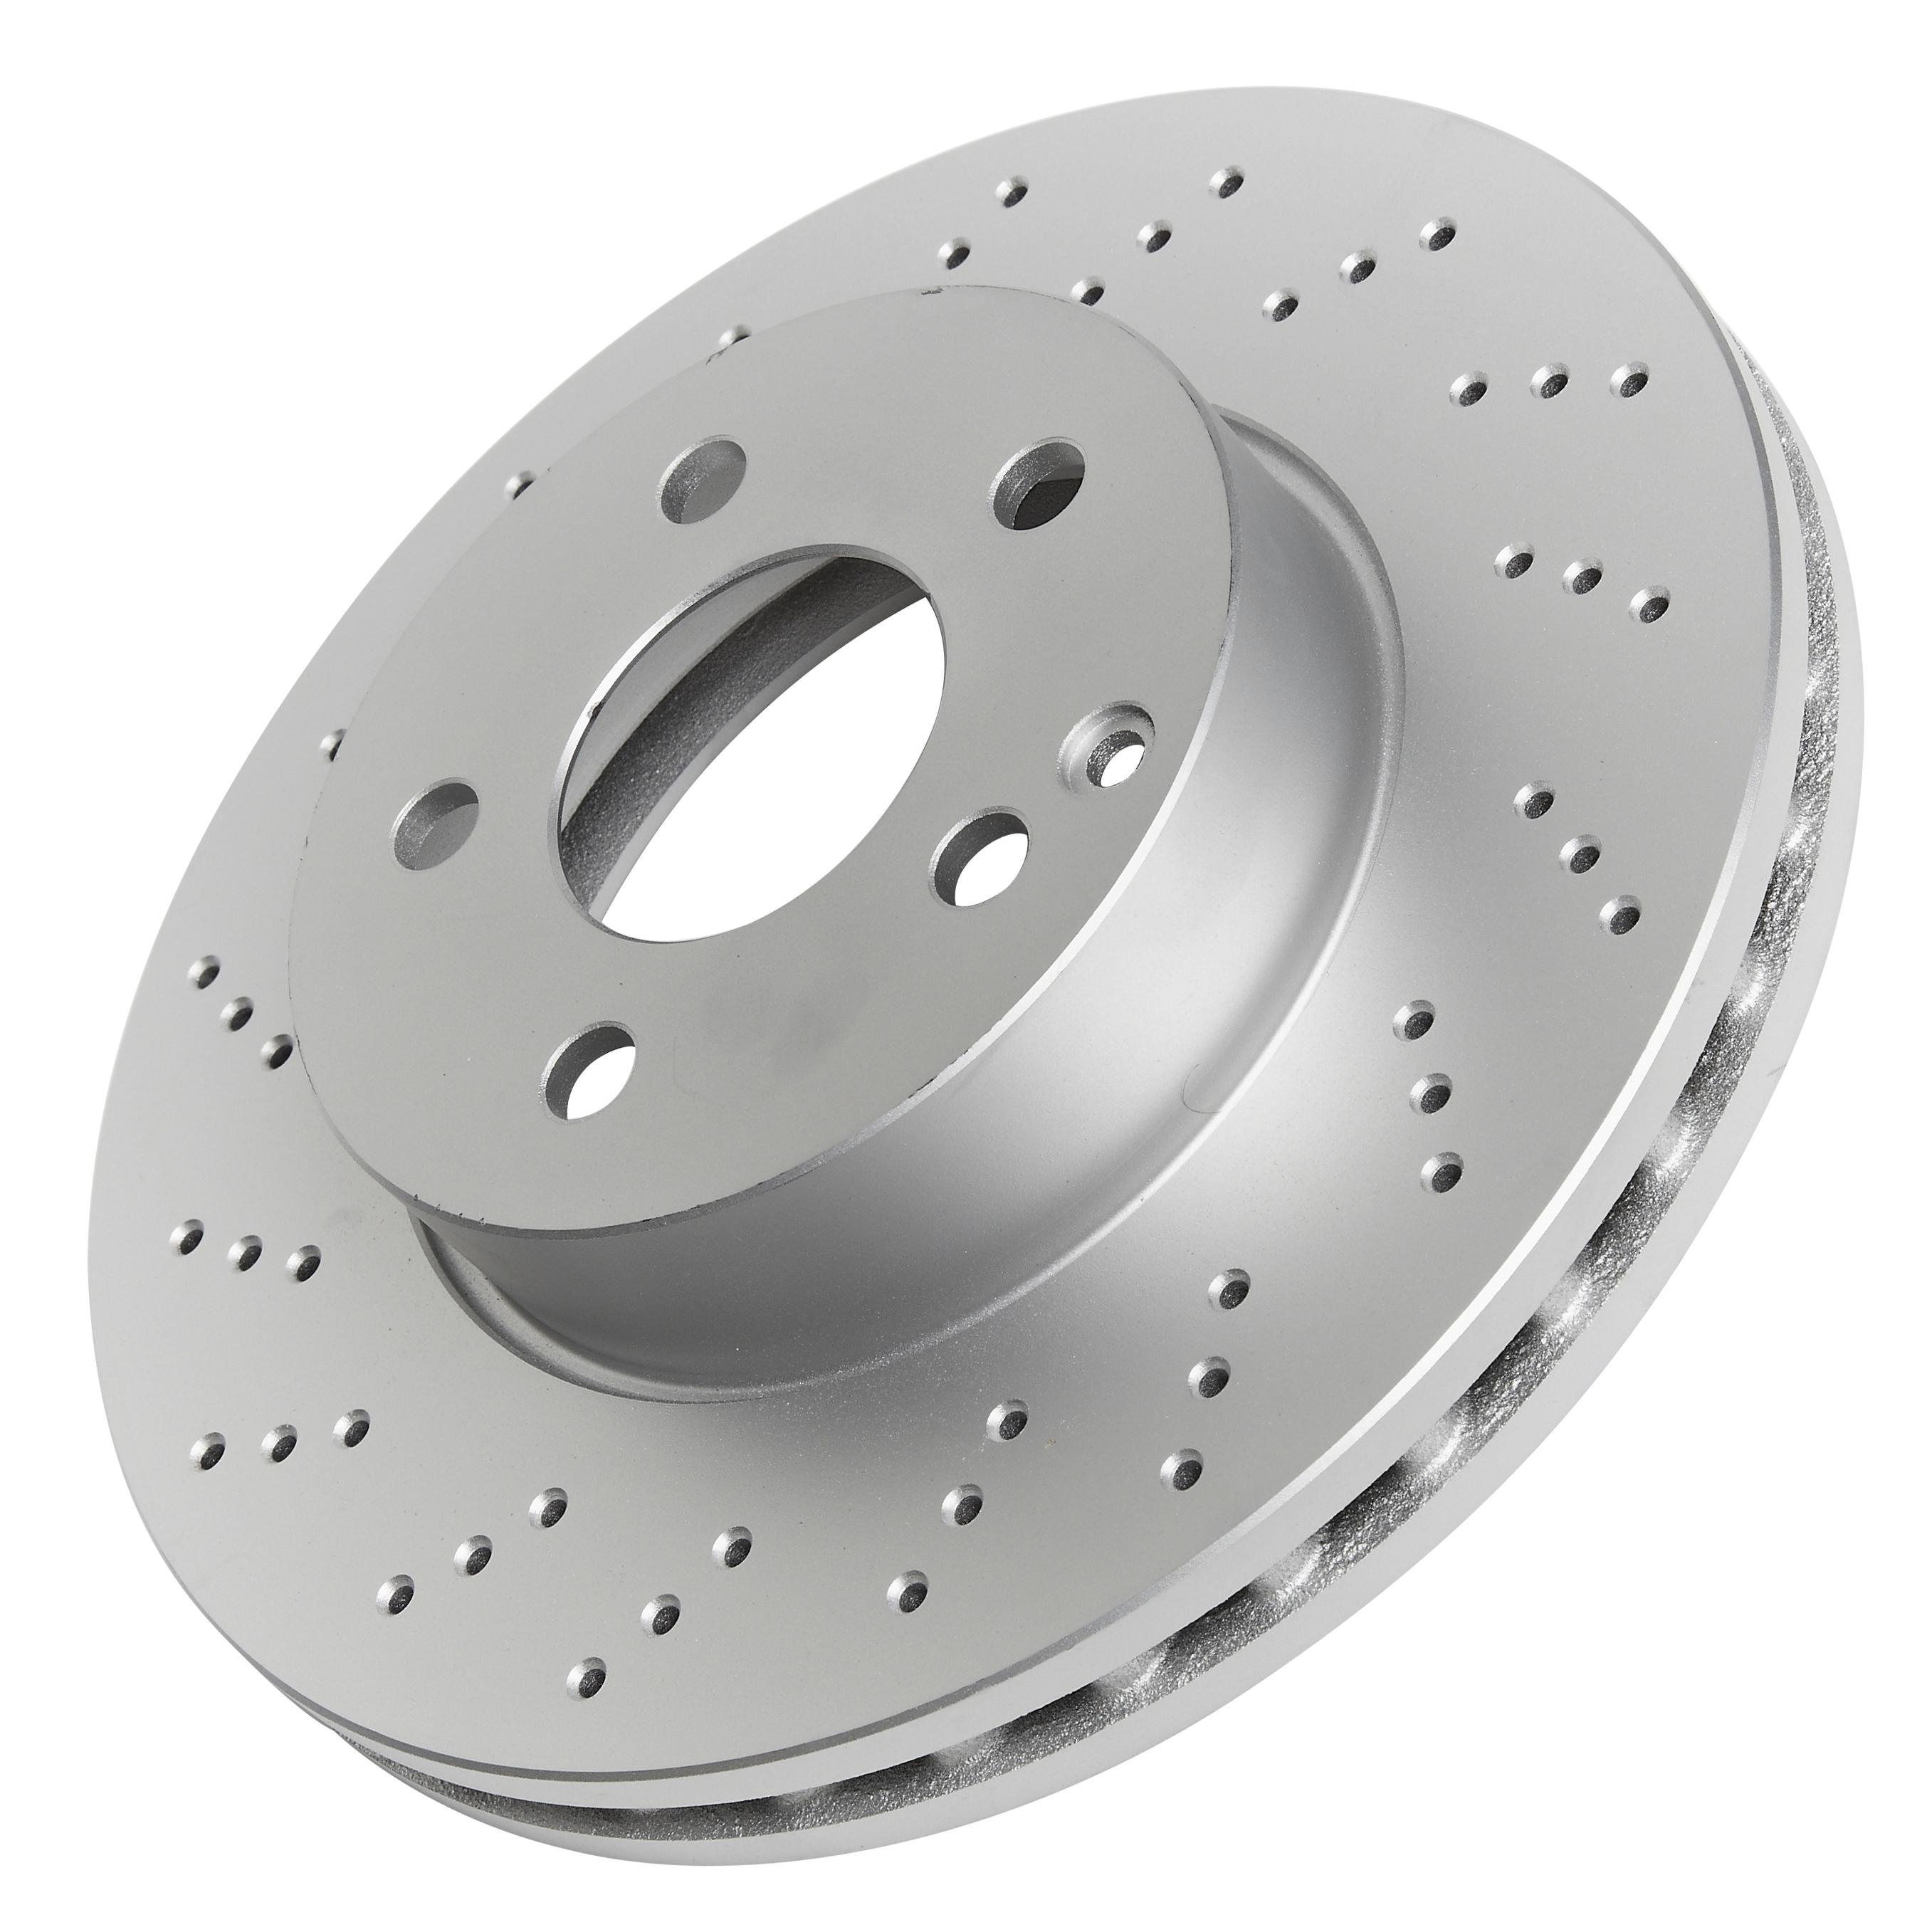 1 Of 7FREE Shipping Pagid Front Rear Brake Kit Brake Discs Brake Pads Set  For Mercedes Benz C